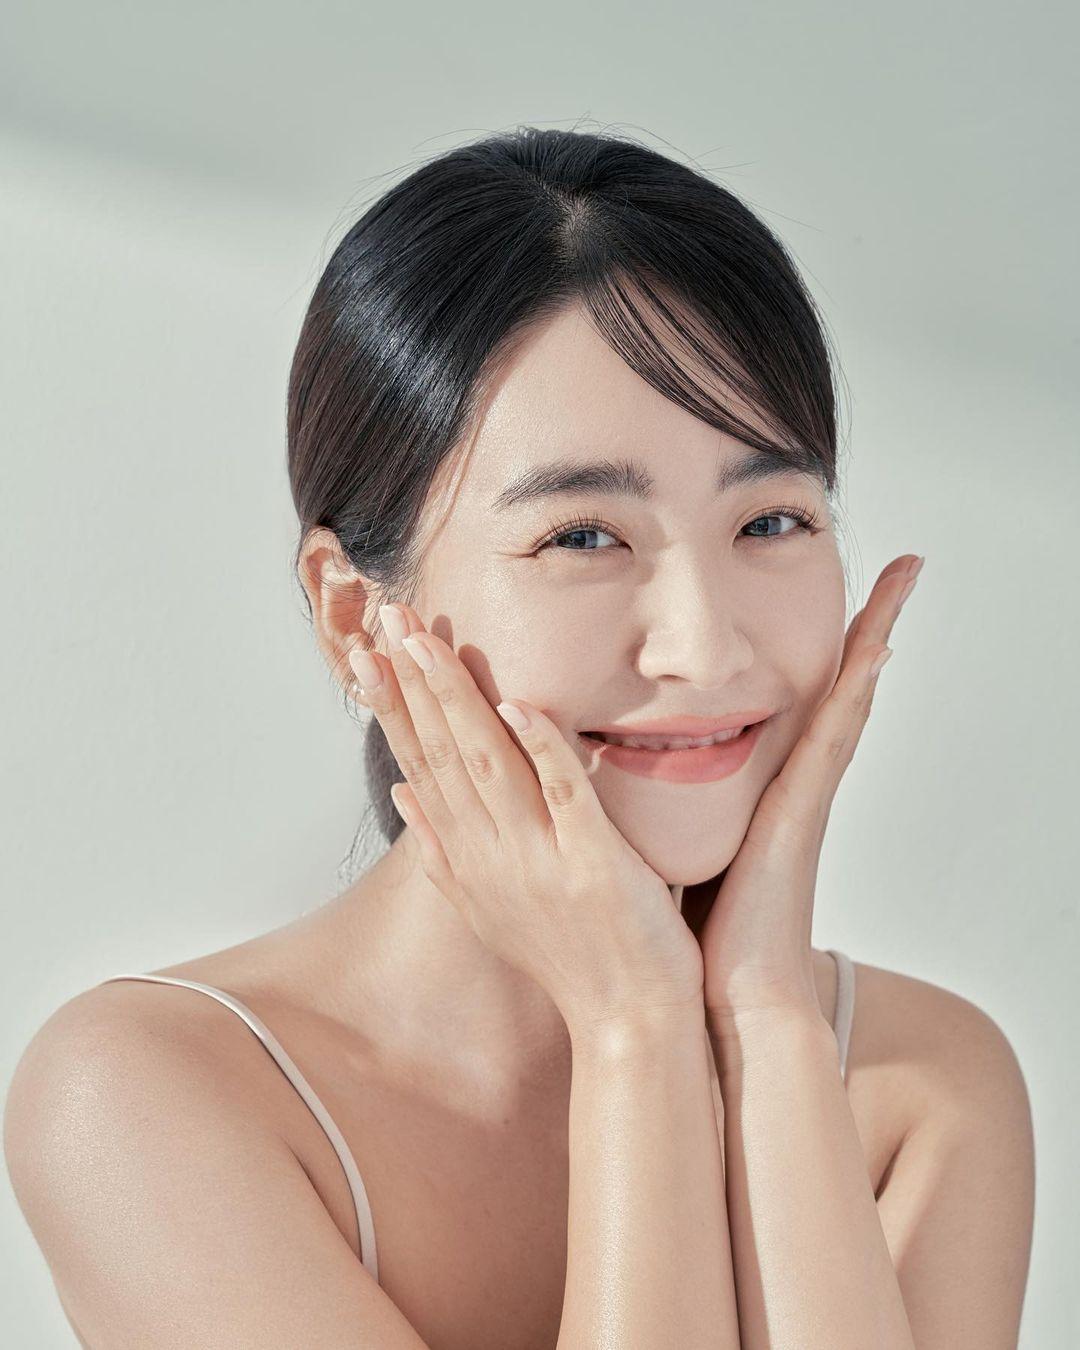 5 cách chăm sóc da trong những ngày mưa - ảnh 1